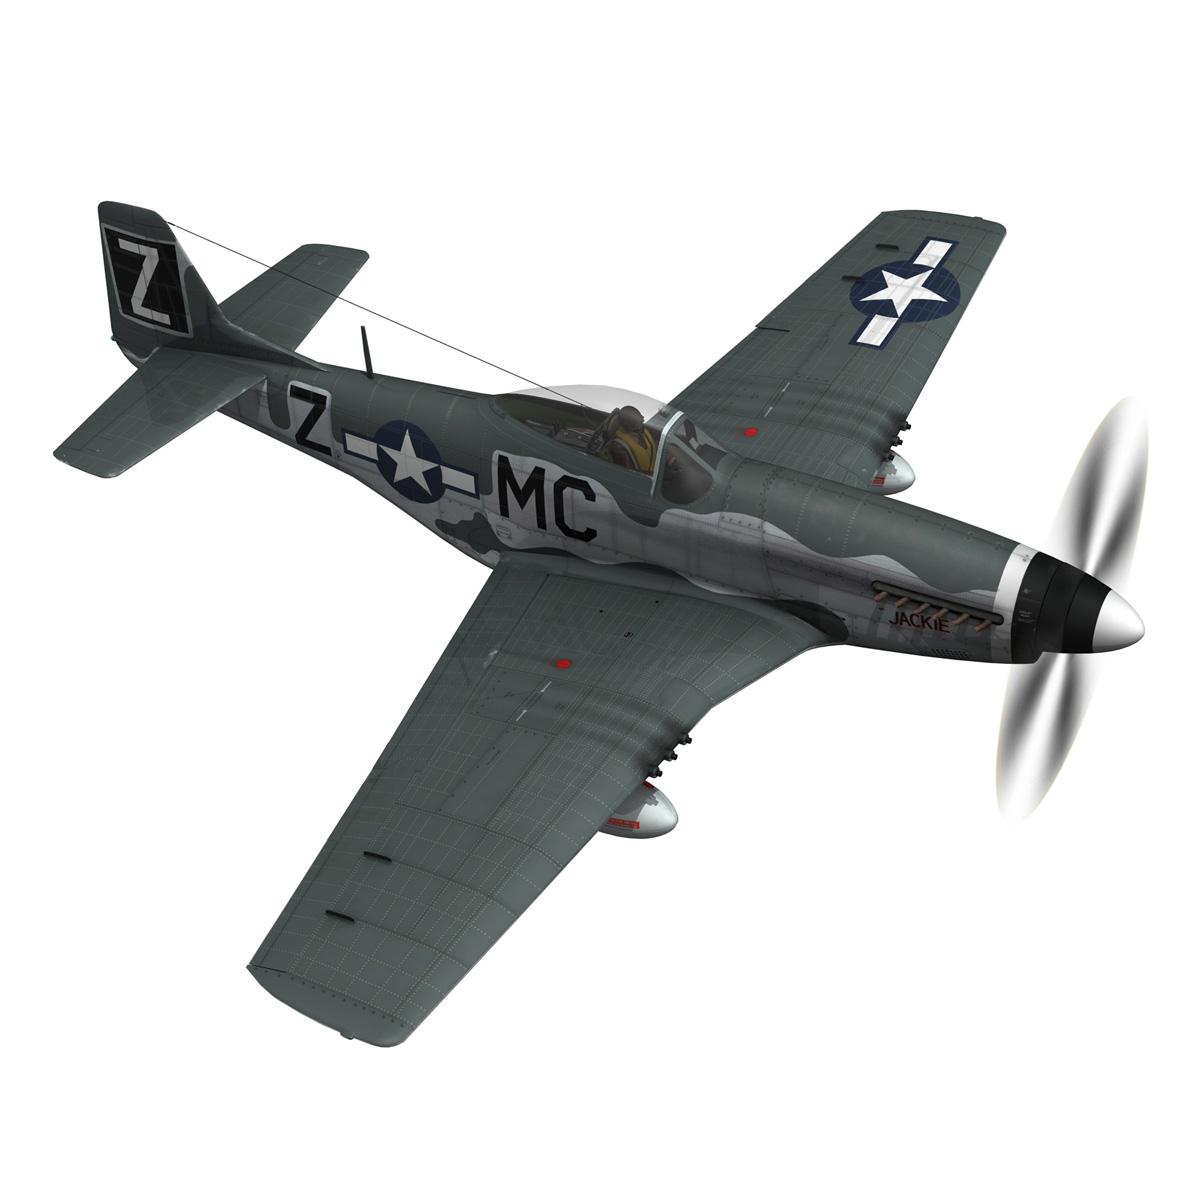 north american p-51d mustang – glengary guy 3d model fbx c4d lwo obj 267523